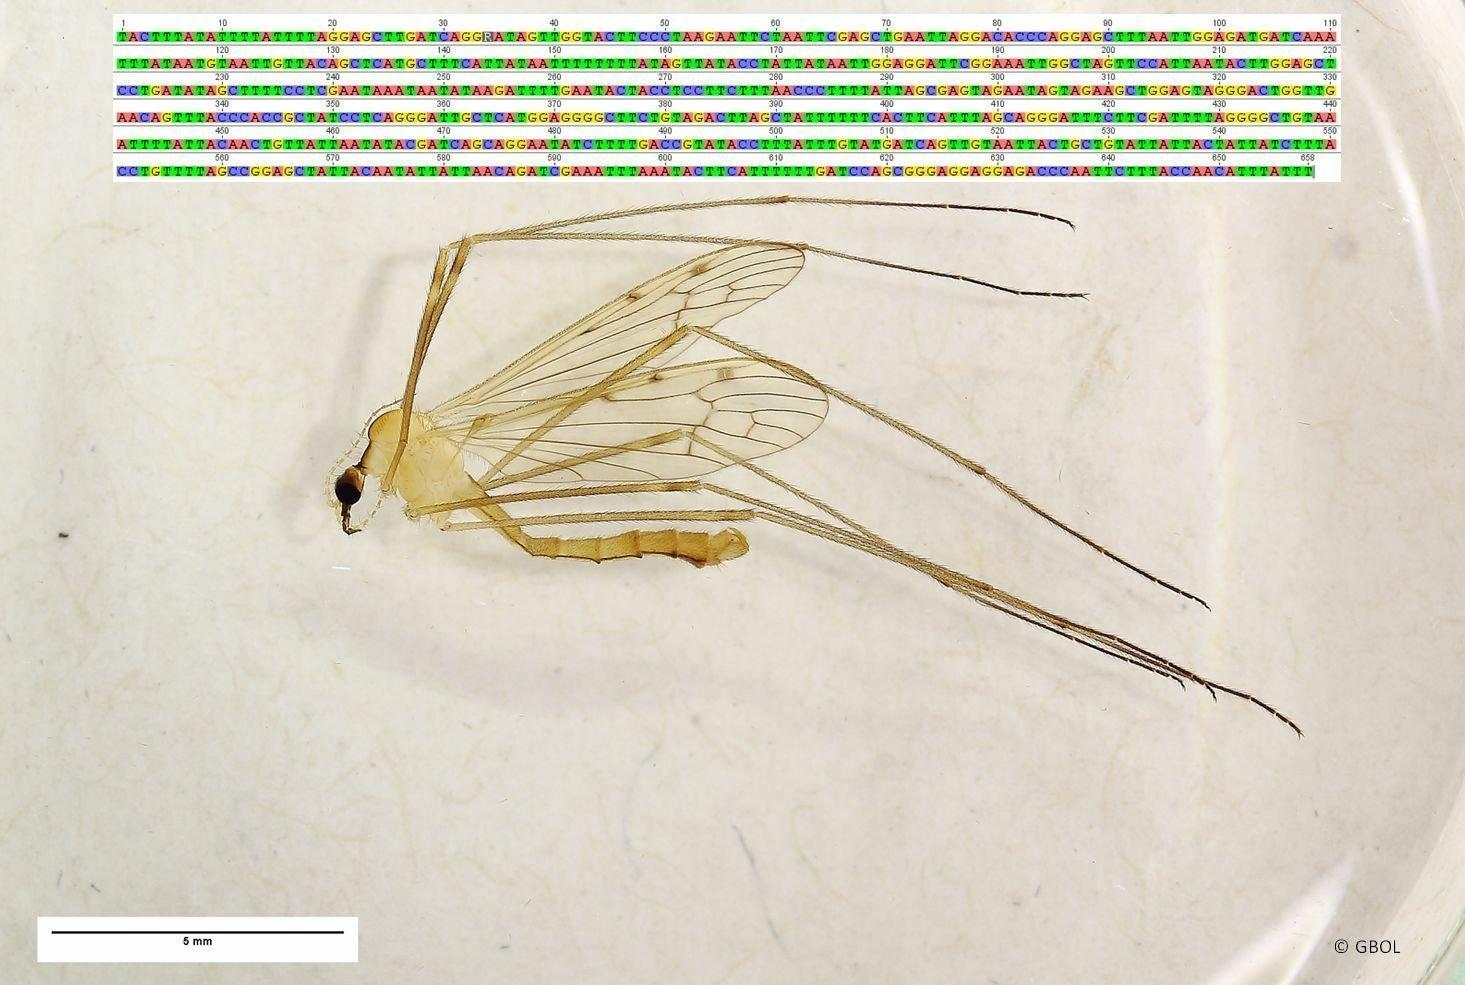 Ein Insekt liegt auf einem weißen Hintergrund. Darüber sieht man die Buchstaben des DNA-Codes.